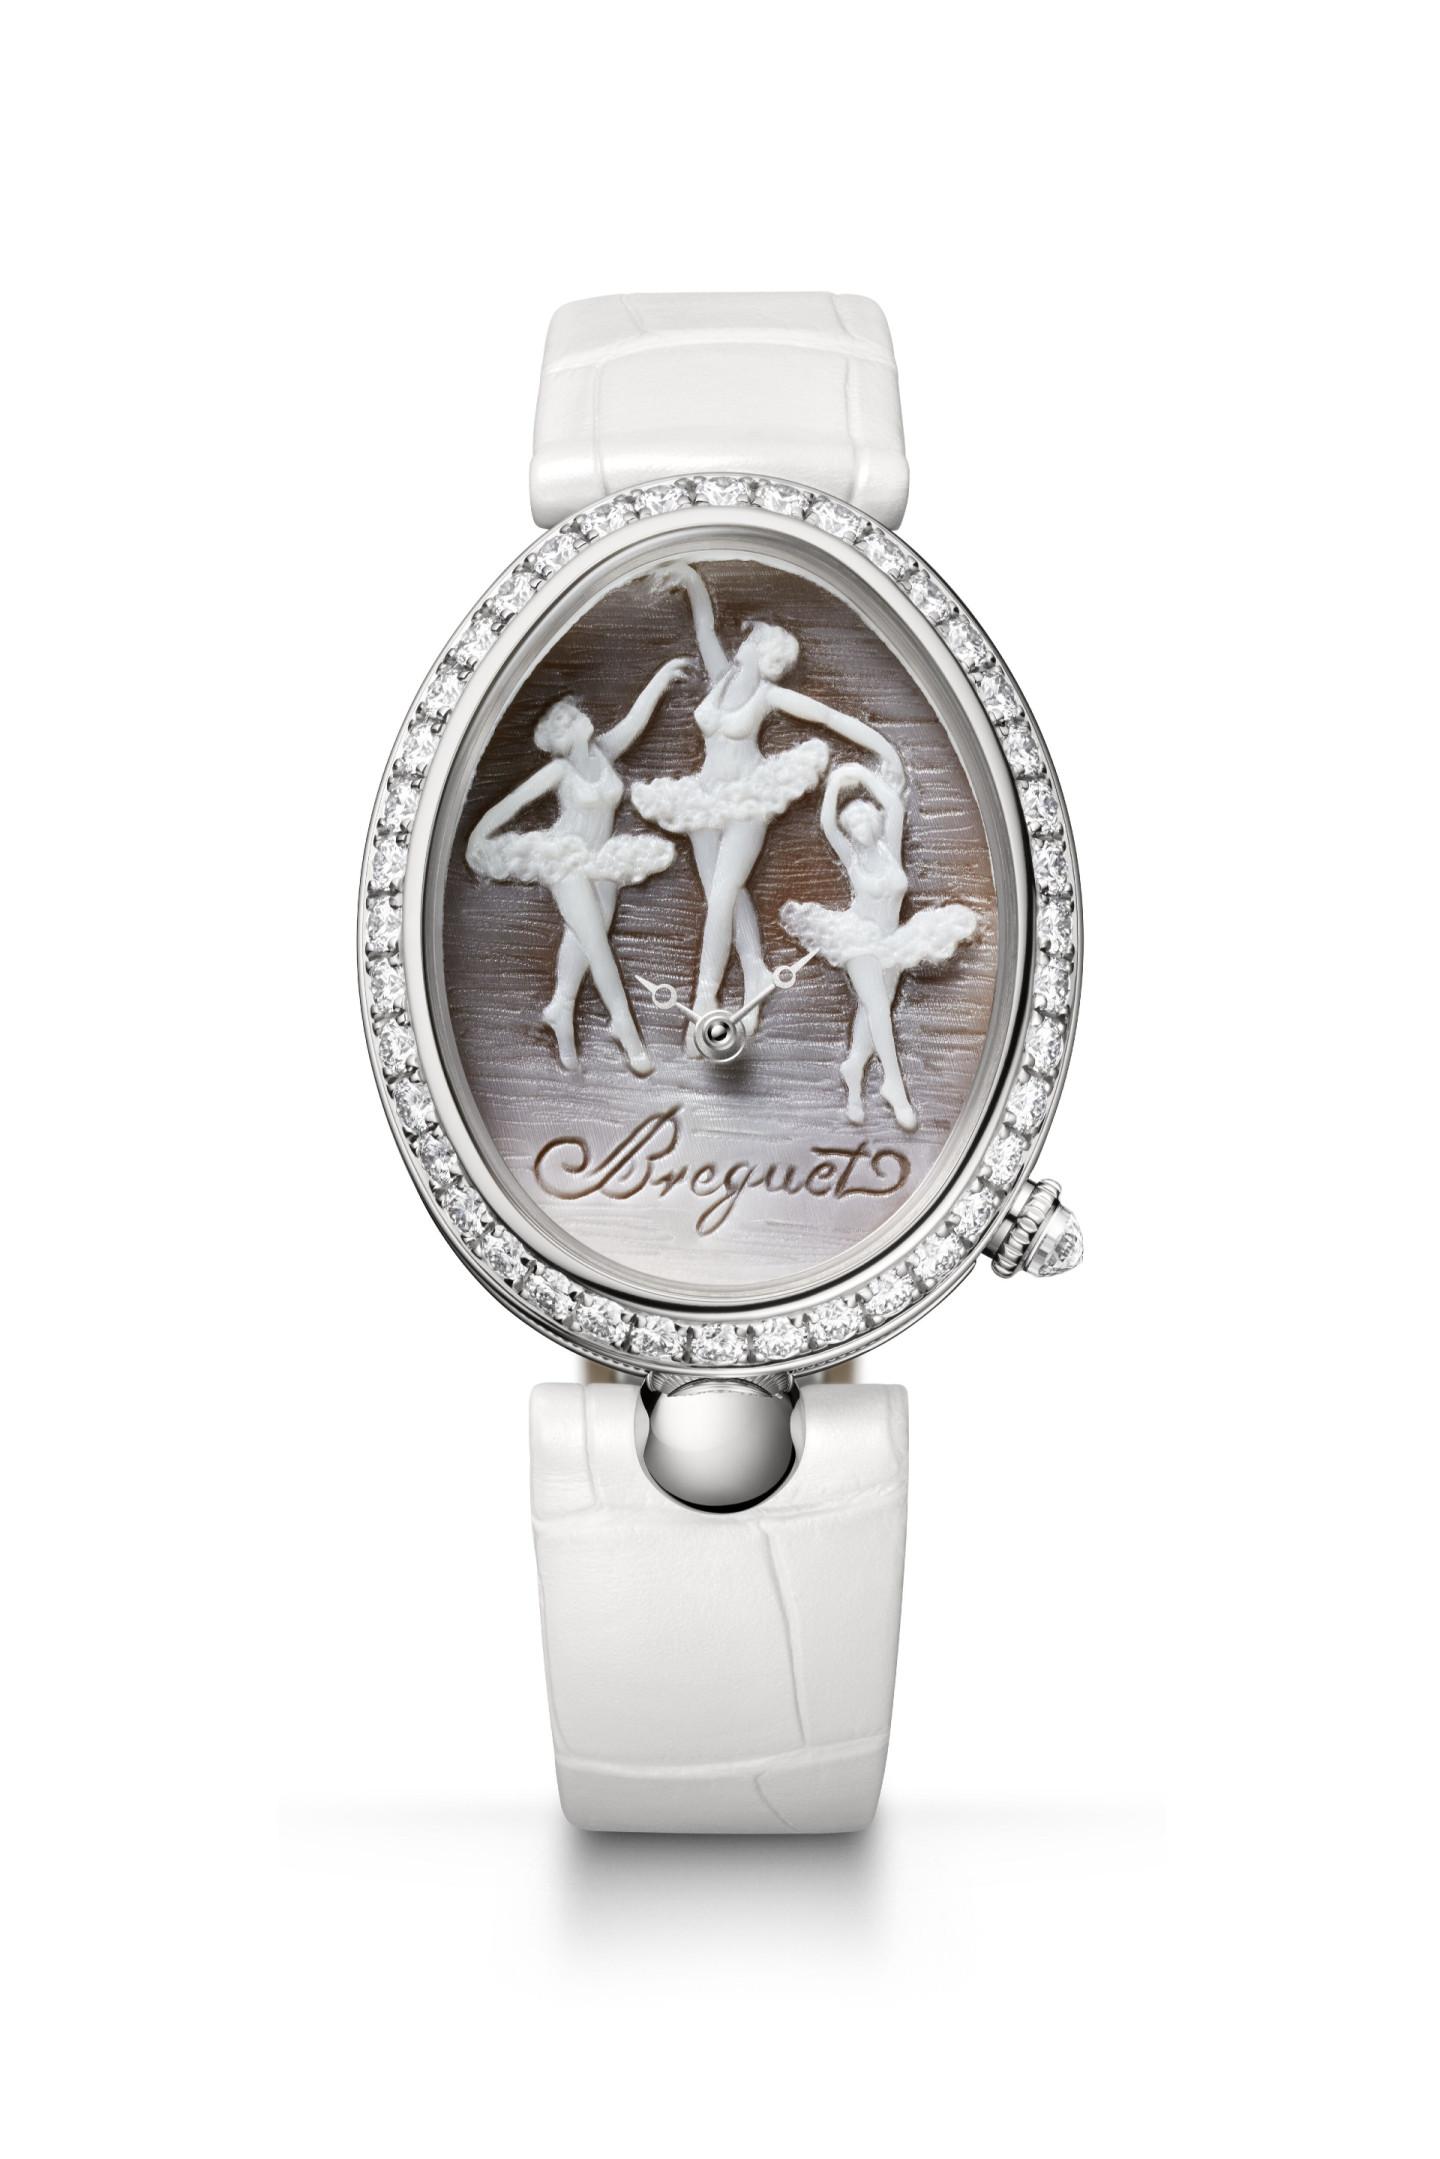 Часы Reine de Naples 8958 Cammea Ballerina, Breguet